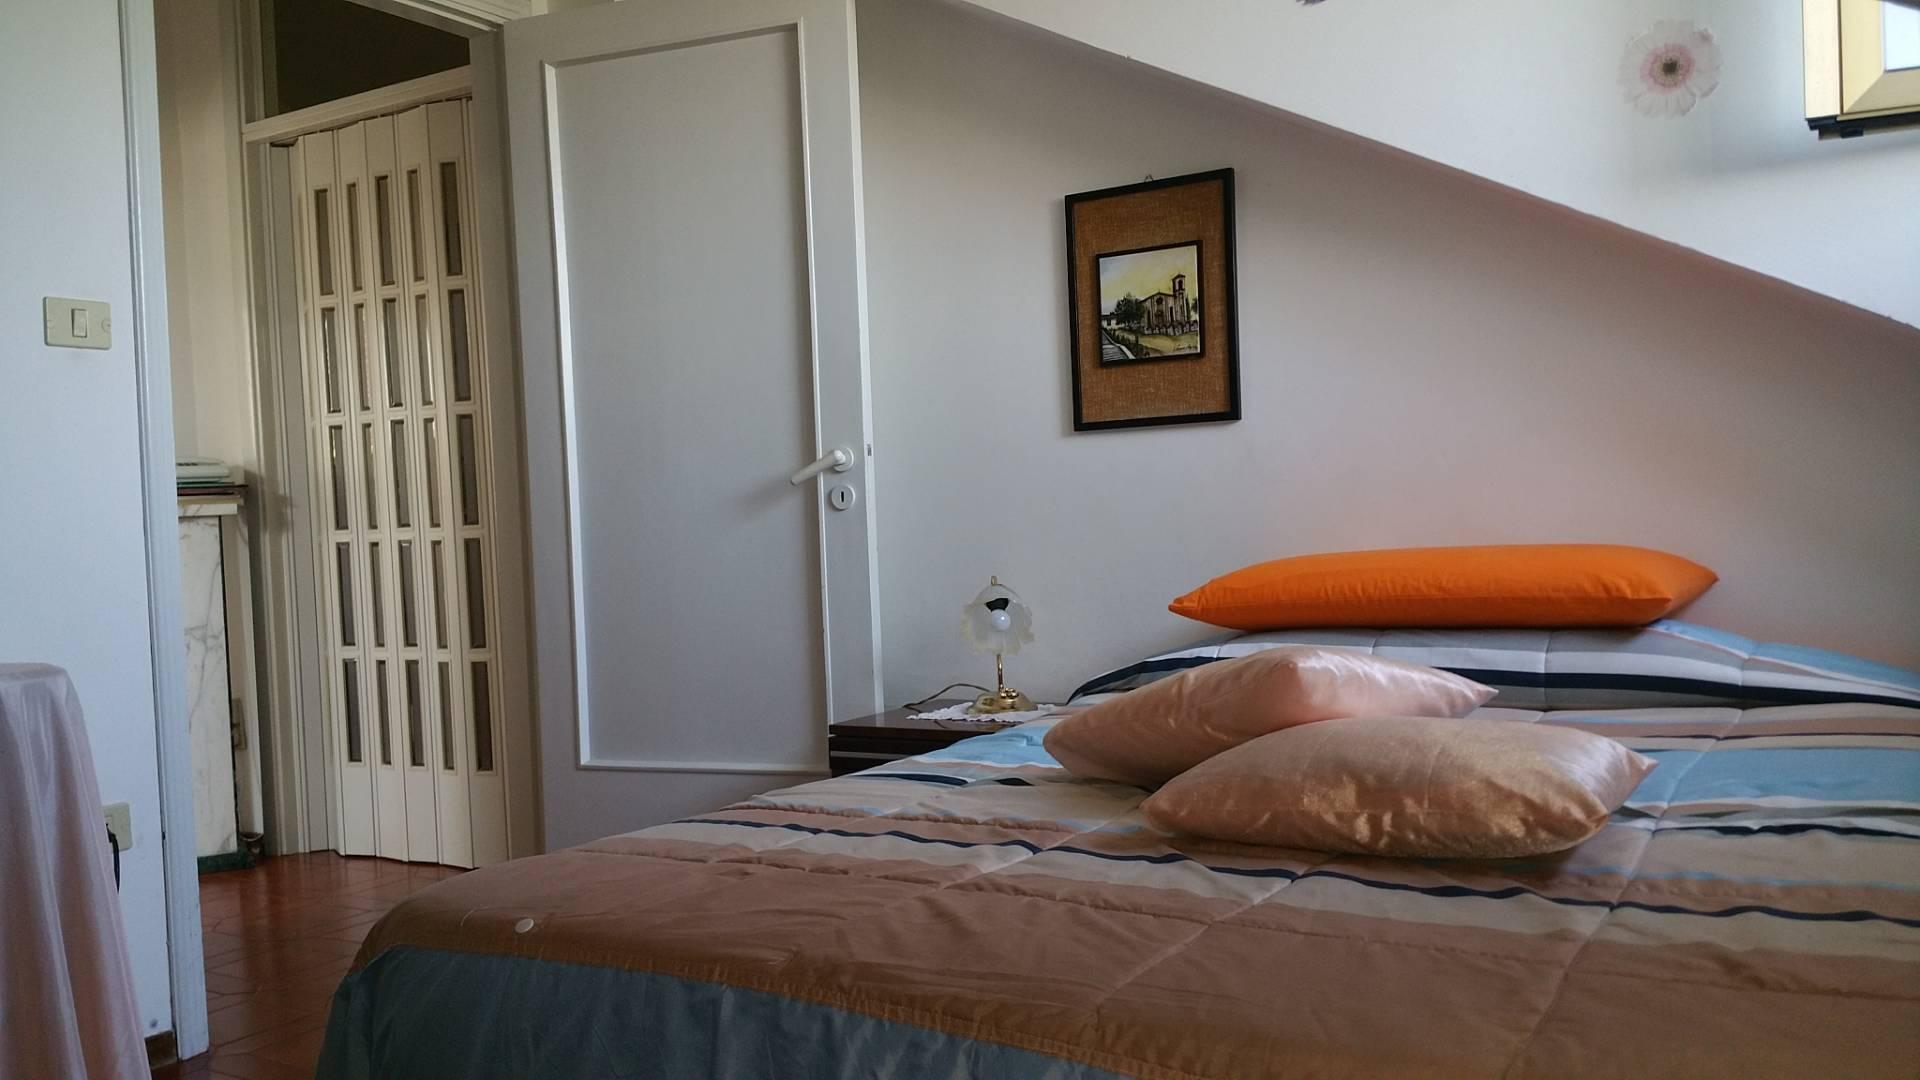 Attico / Mansarda in vendita a Folignano, 3 locali, zona Località: VillaPigna, prezzo € 43.000 | Cambio Casa.it